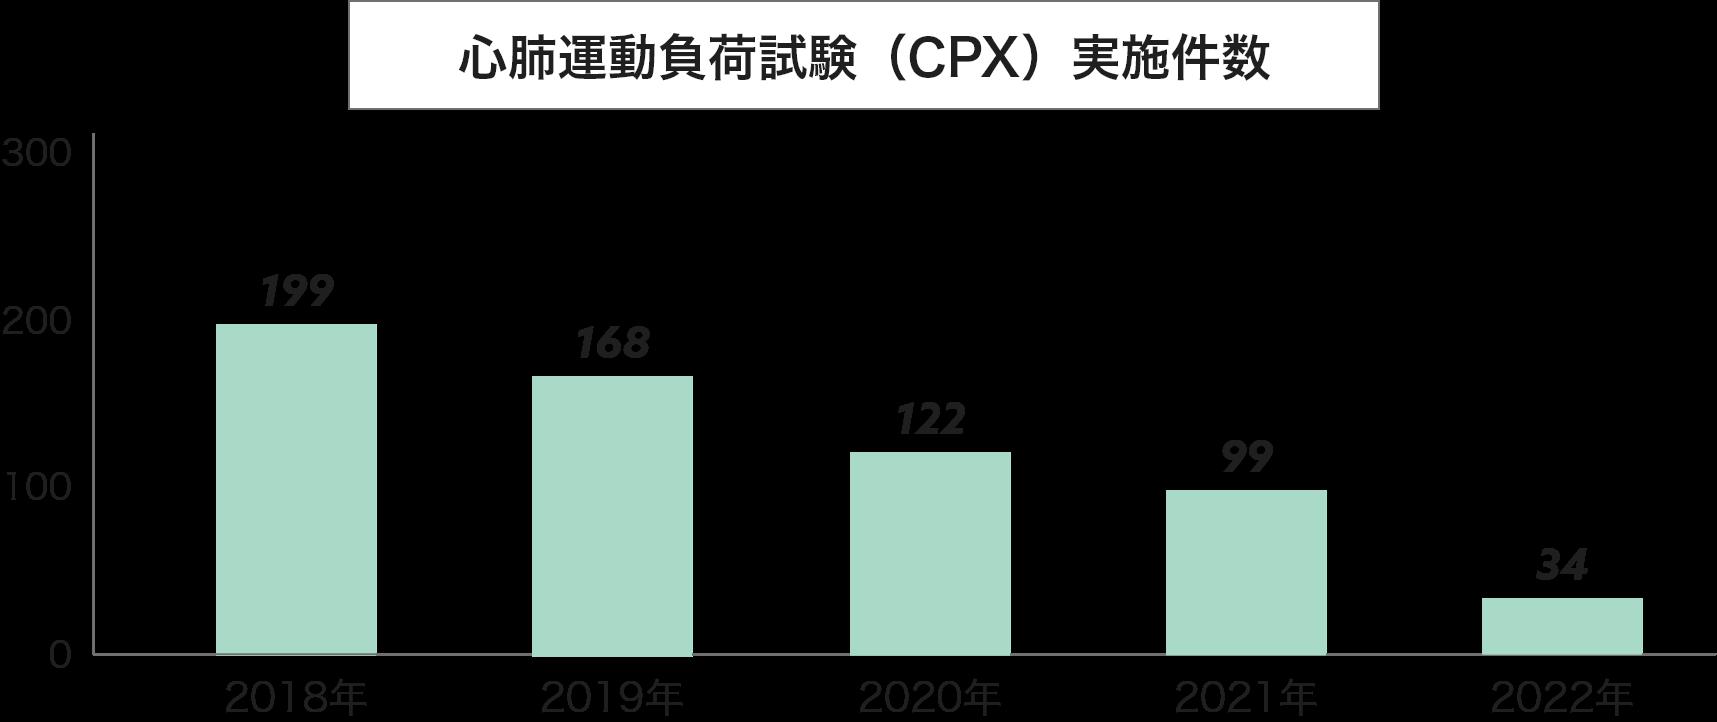 心肺運動負荷試験(CPX)実施件数